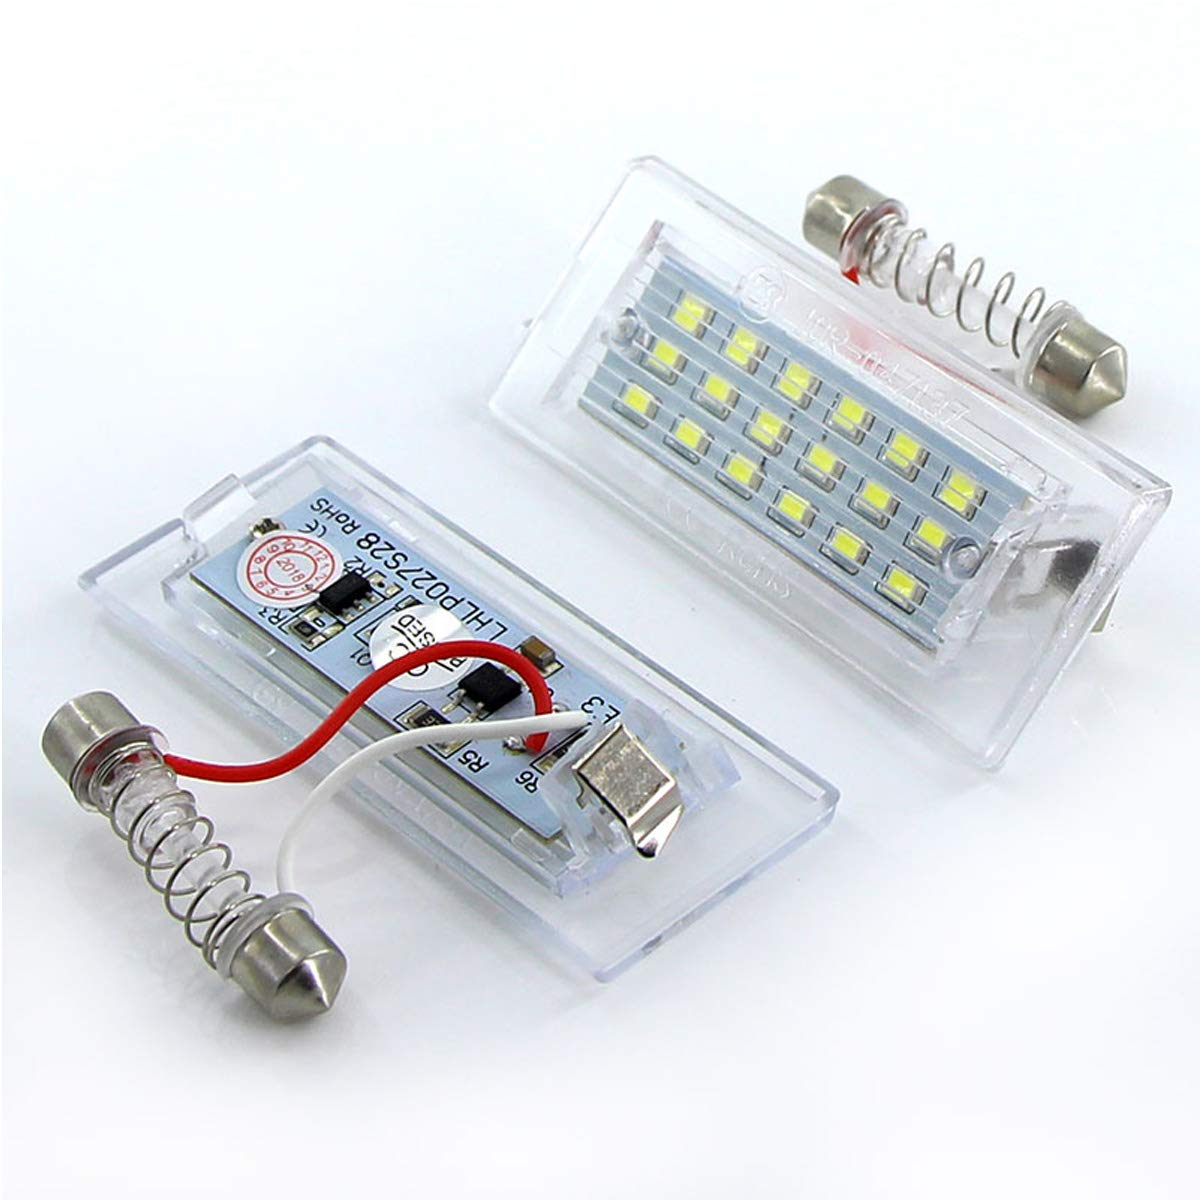 MuChangZi 2pcs Lampe Blanche de Plaque dimmatriculation Blanche de num/éro de Canbus LED 18 SMD 3528 pour B//MW E53 X5 1999-2003 E83 X3 2004-2009 exempte derreur